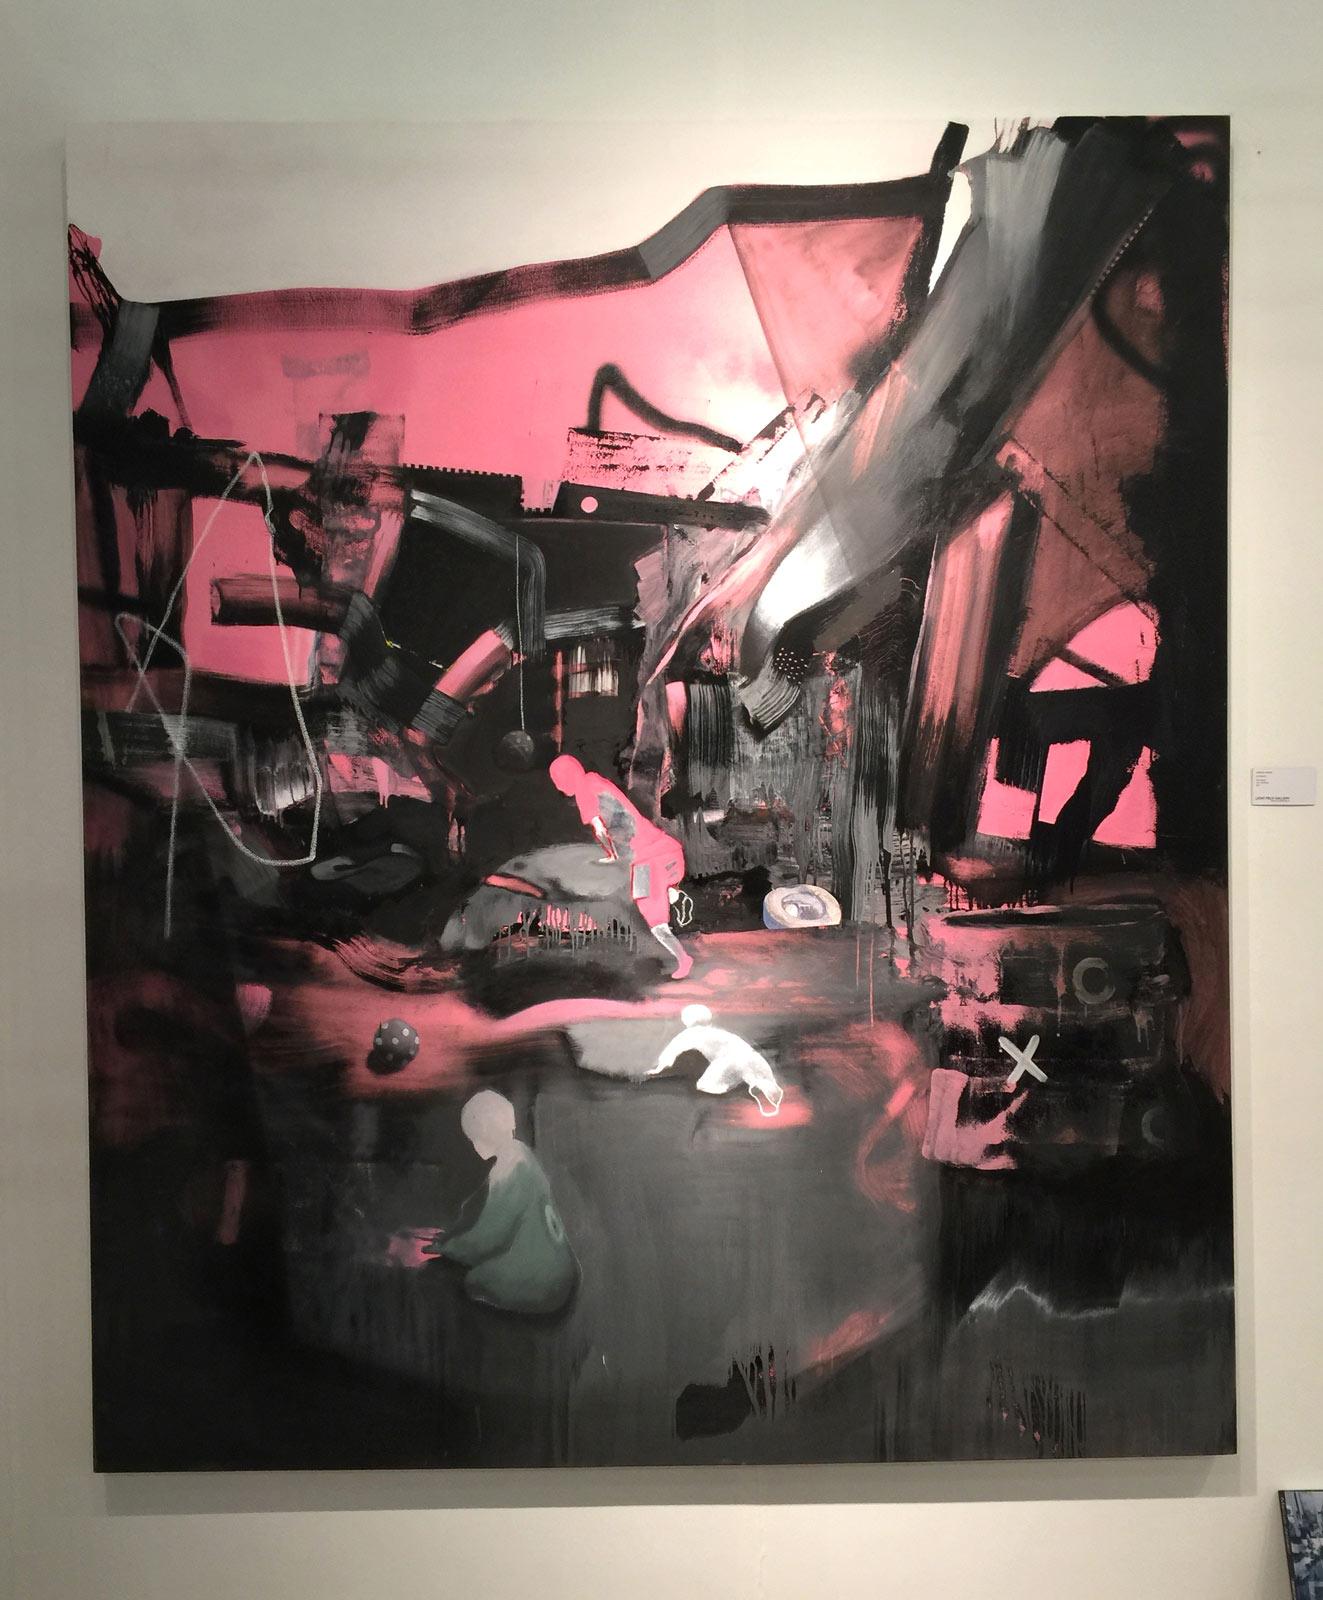 Marcus-Jansen-Aftermath-Oil-Canvas-Licht-Feld-Gallery.jpg